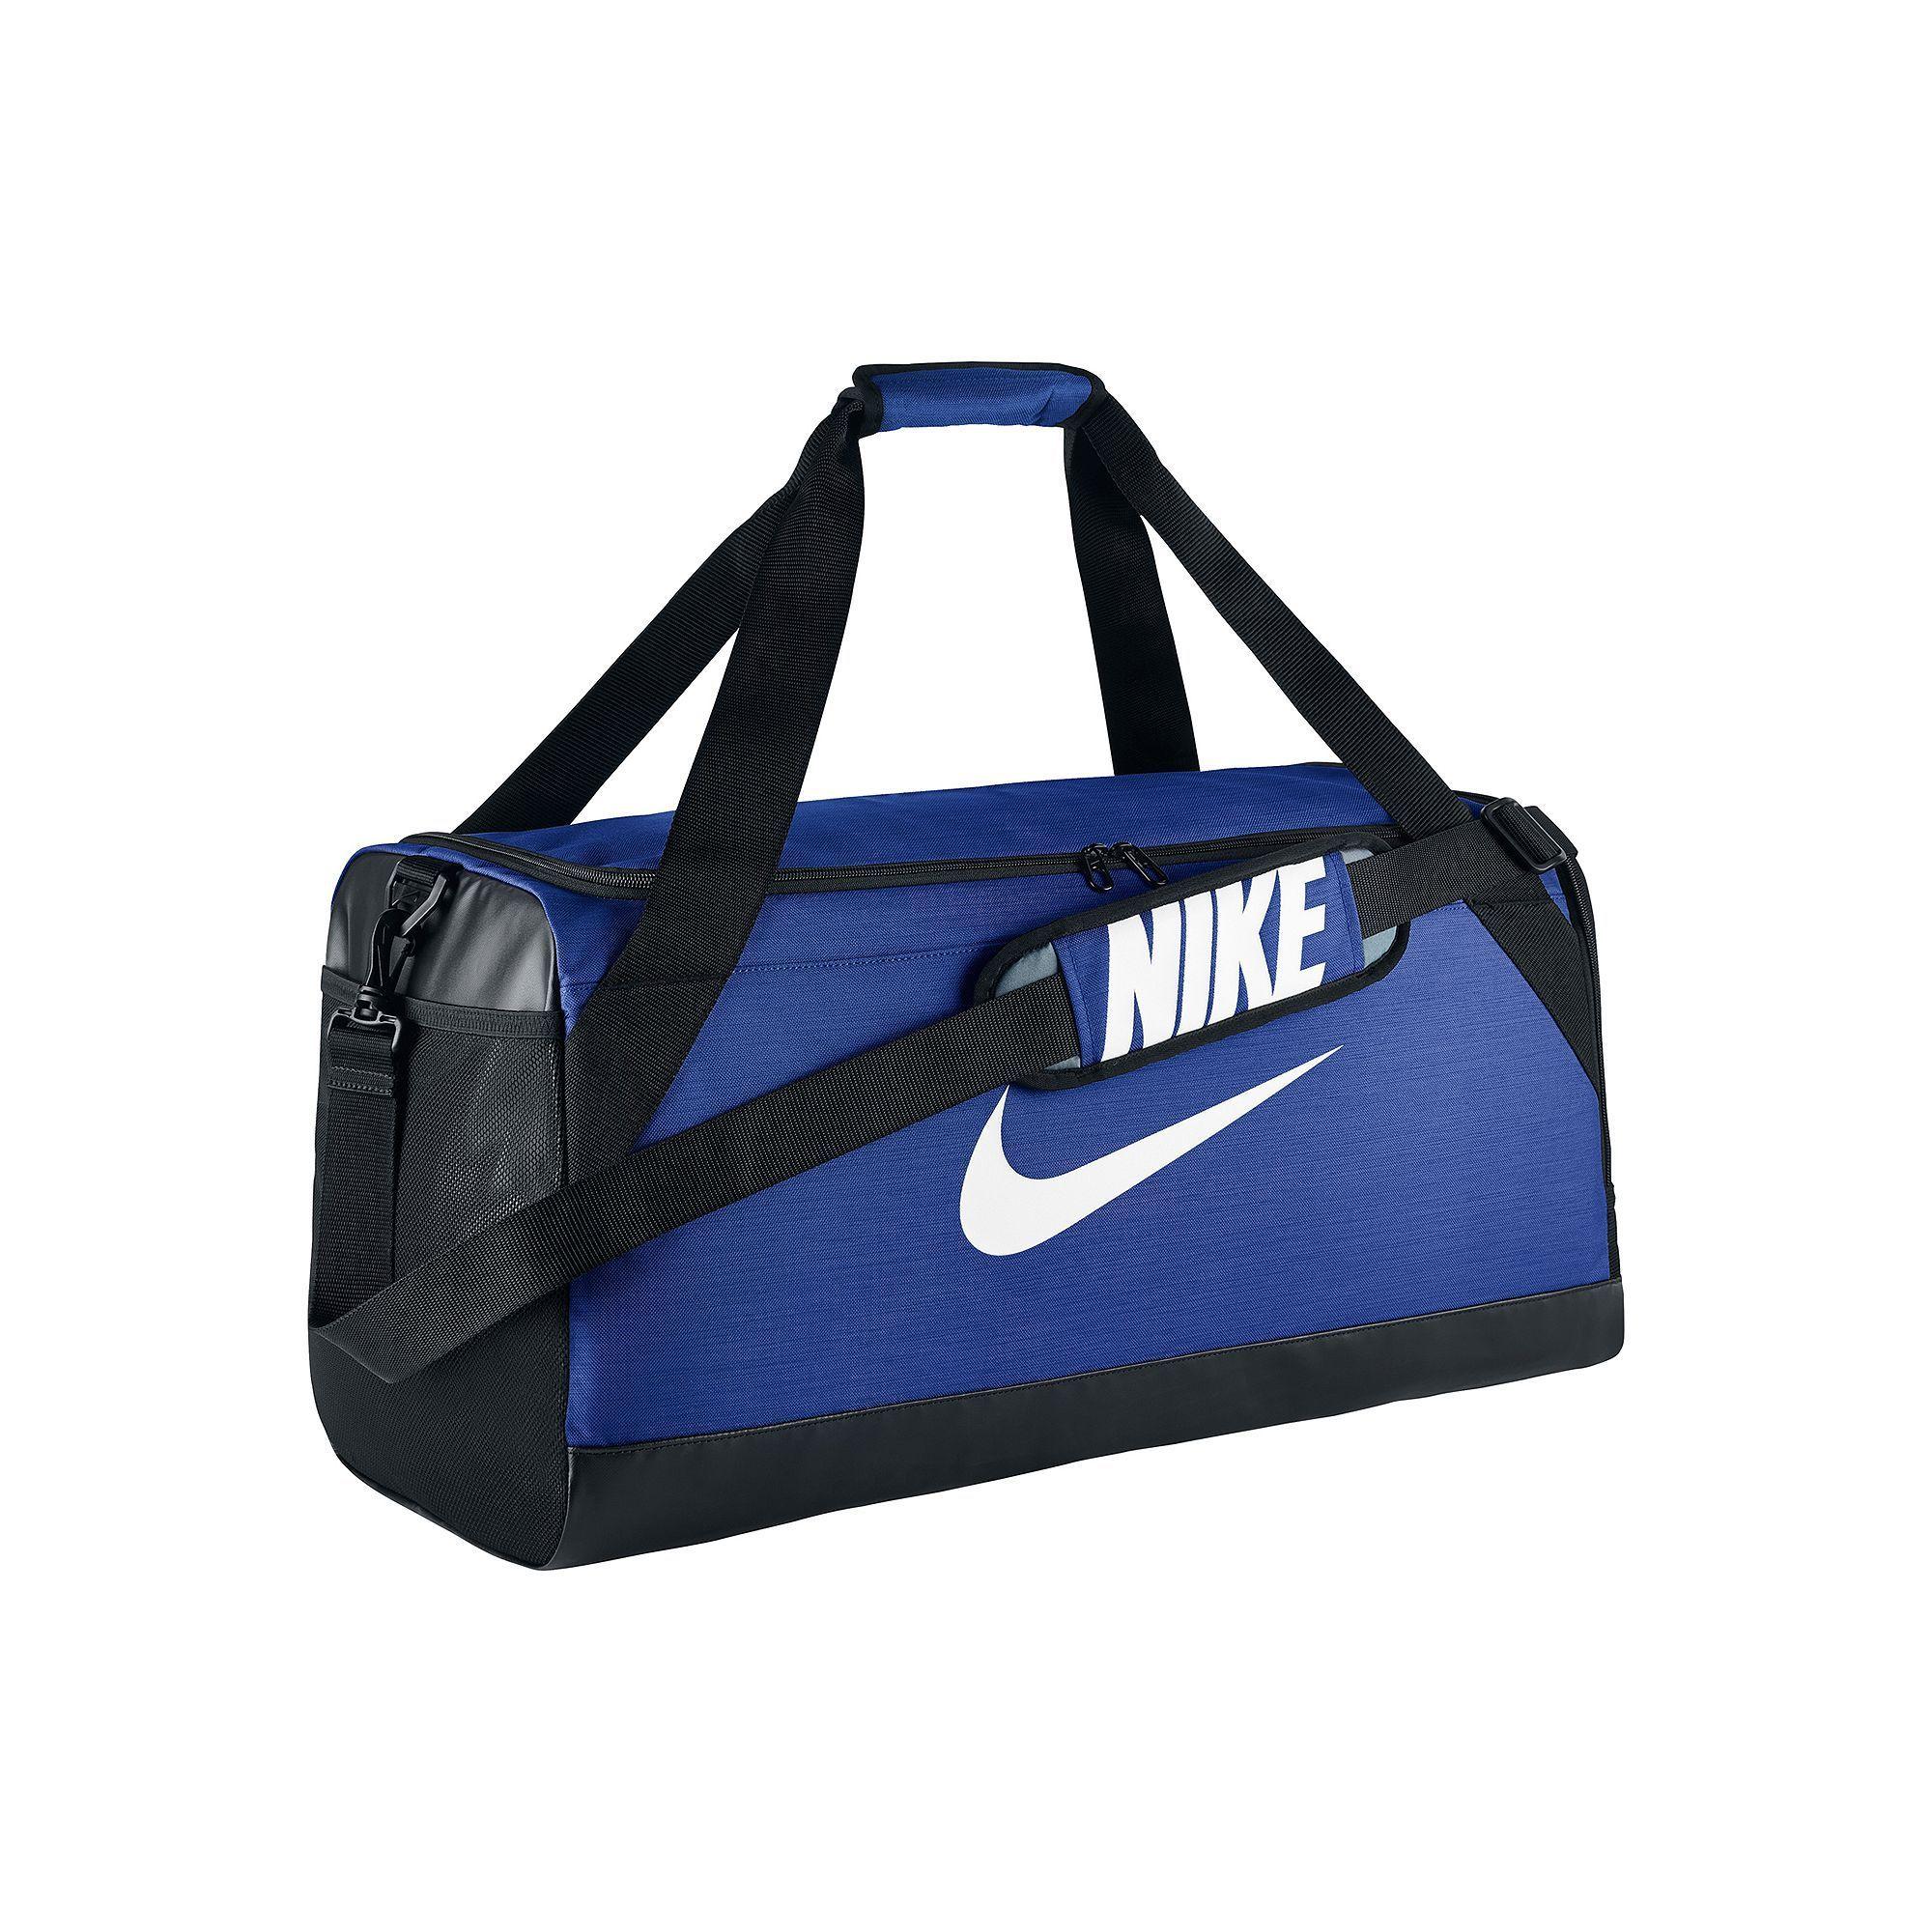 donde puedo comprar estilo de moda de 2019 diversificado en envases Nike Brasilia 6 Duffel Bag Small Vs Medium | Court Appointed Receiver